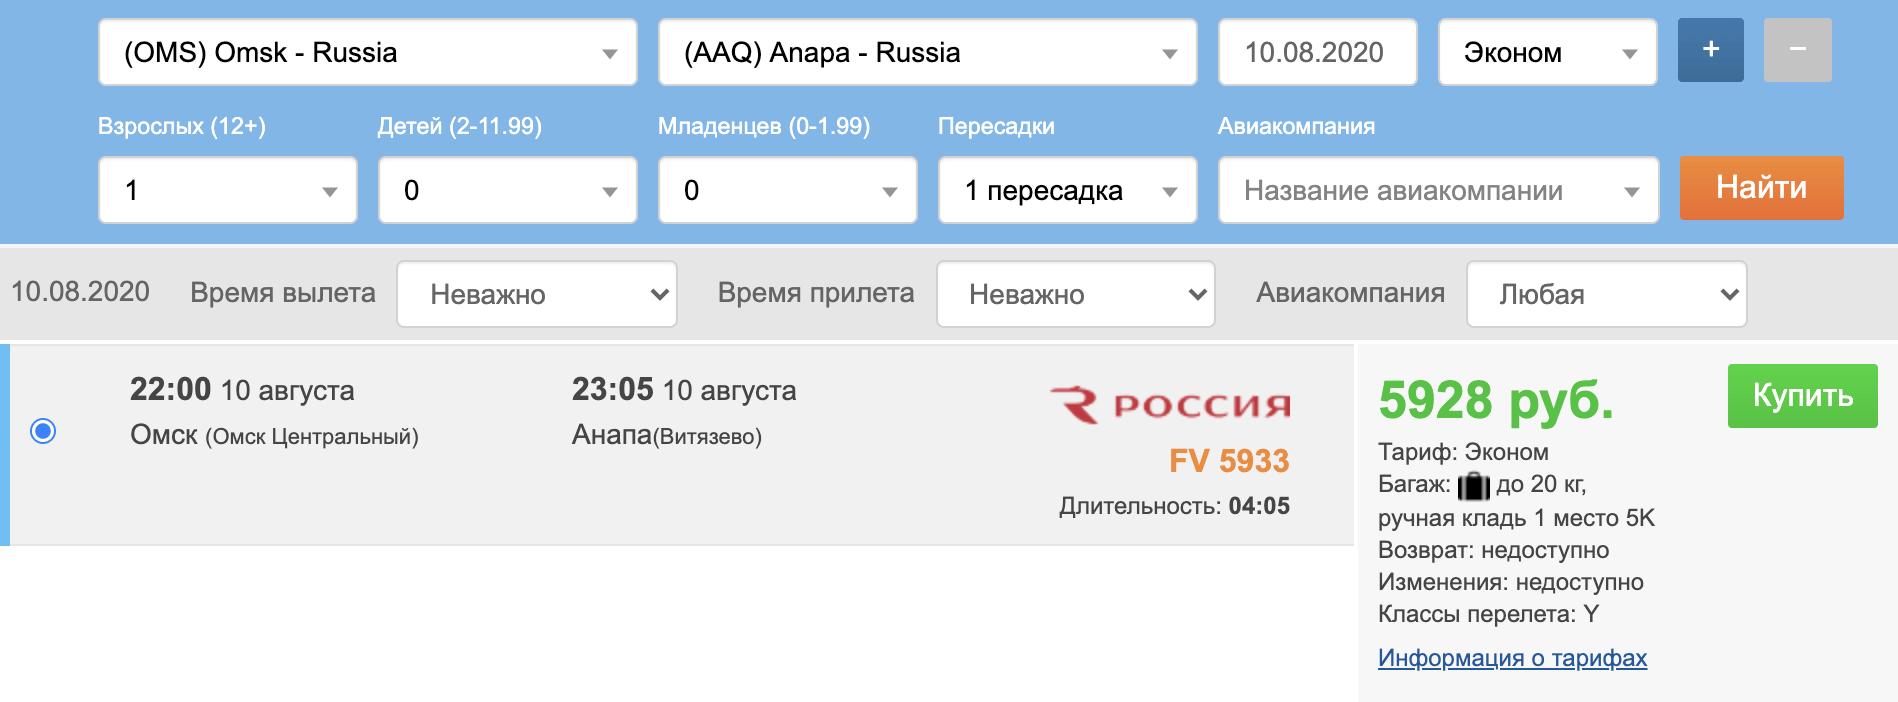 В понедельник летим в Анапу! Чартеры из Омска за 8100₽ туда-обратно